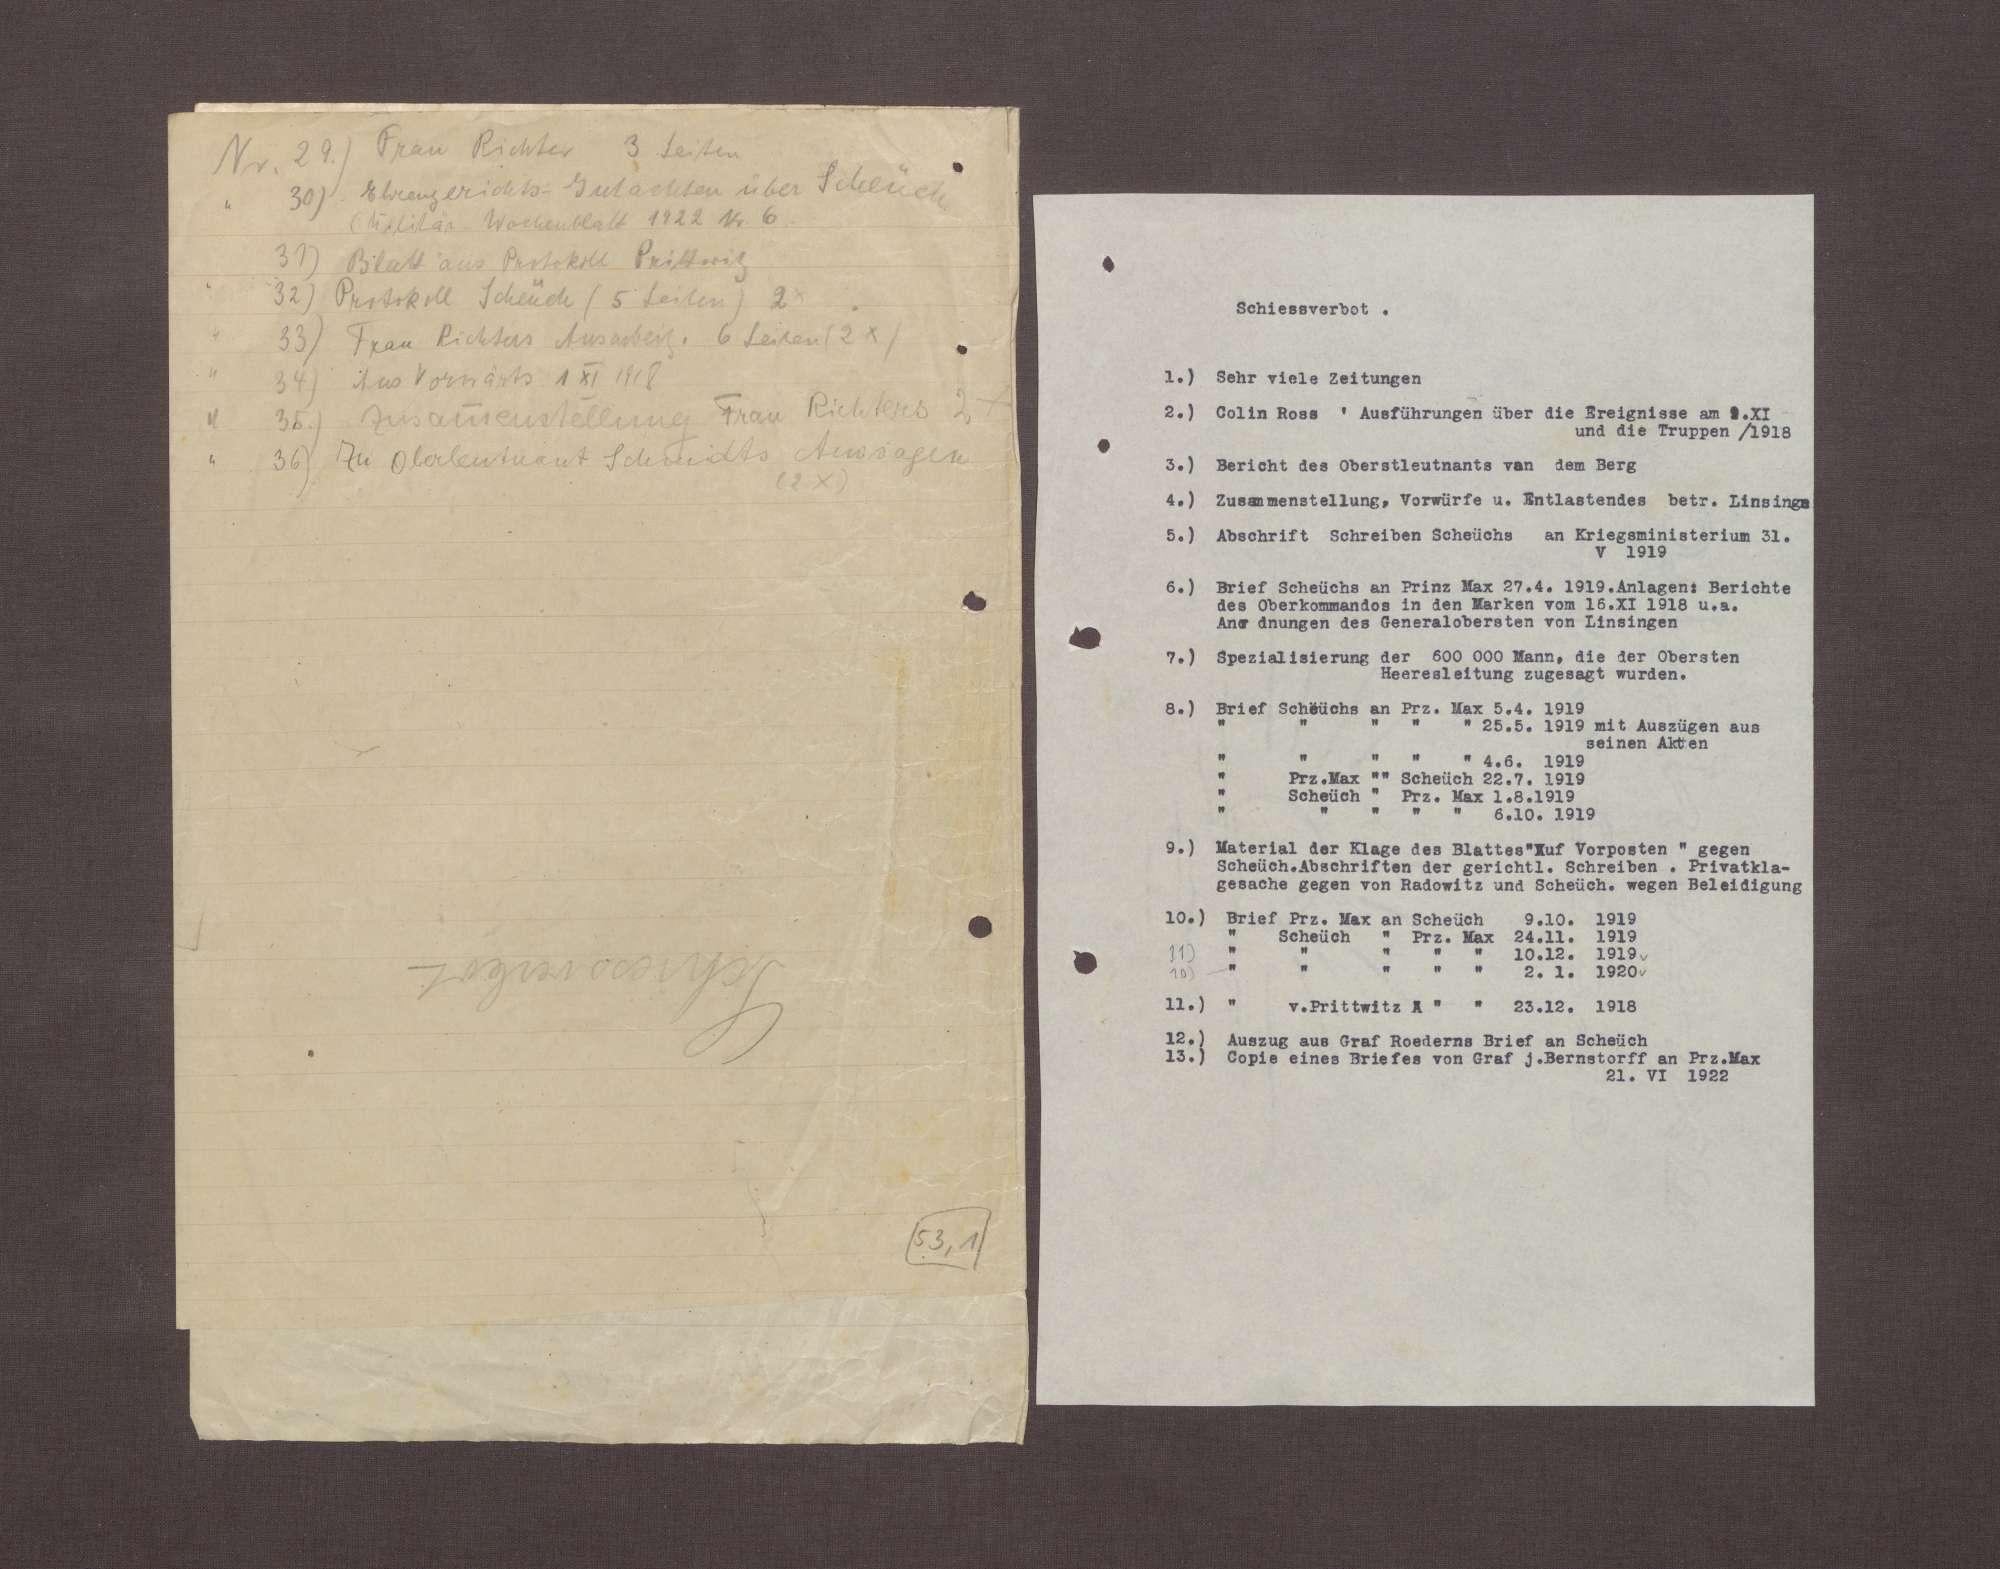 Altes Inhaltsverzeichnisse der Akte, Bild 2